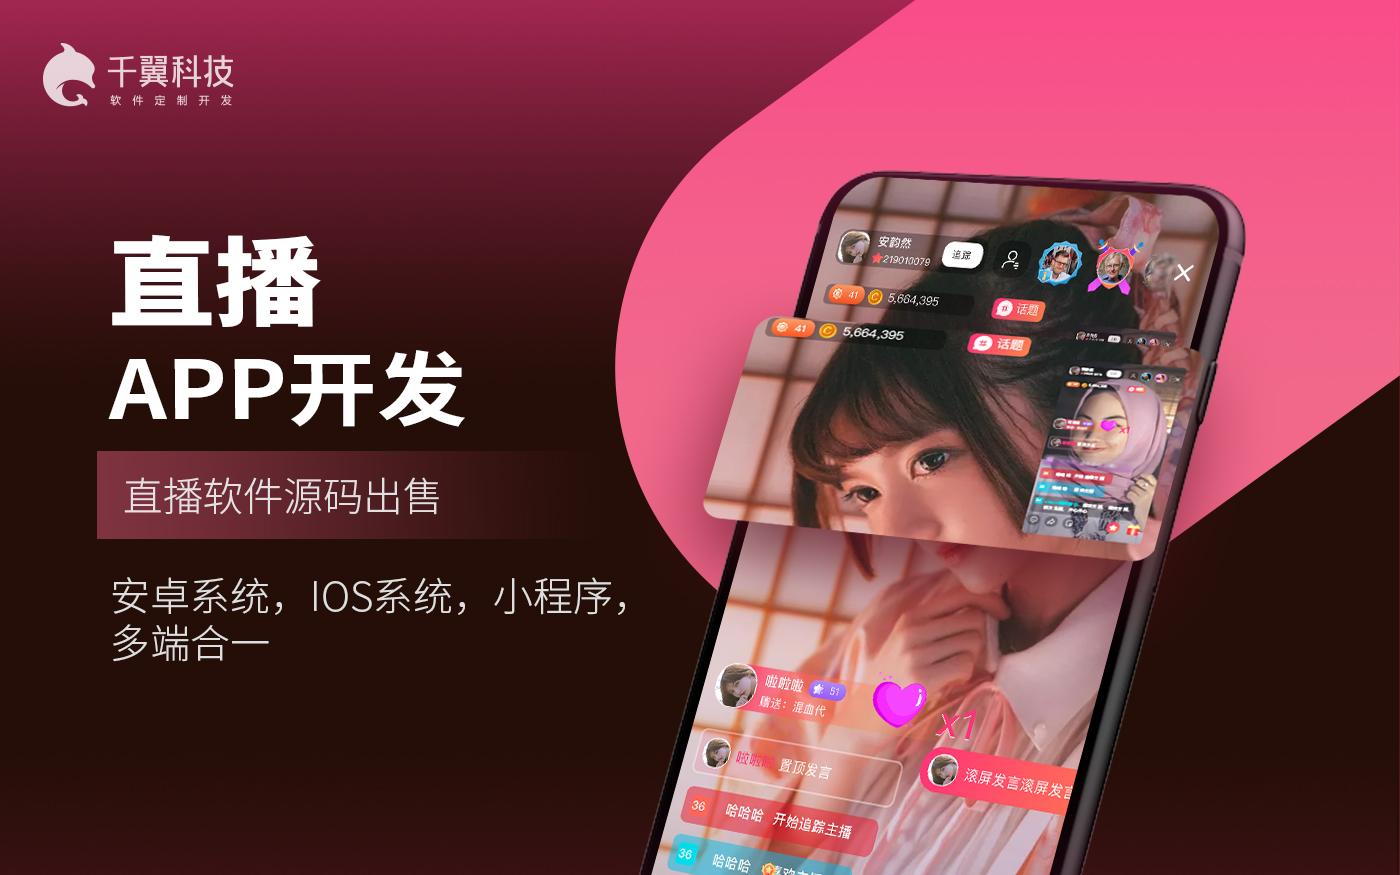 语音交友app开发同城交友app开发短视频交友app定制开发